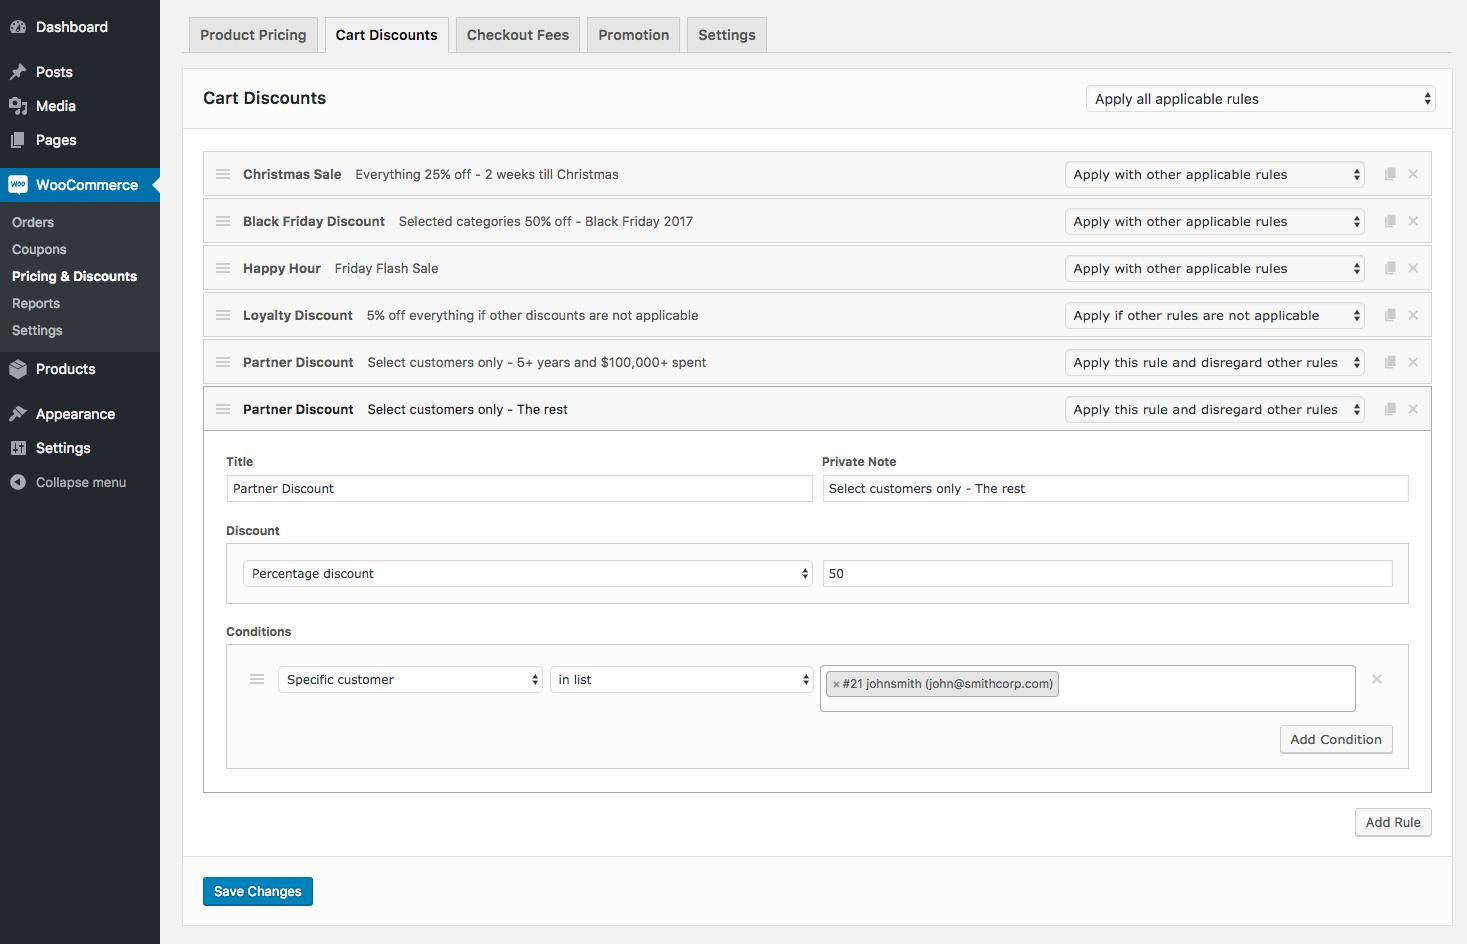 Screenshot showing the wordpress admin dashboard